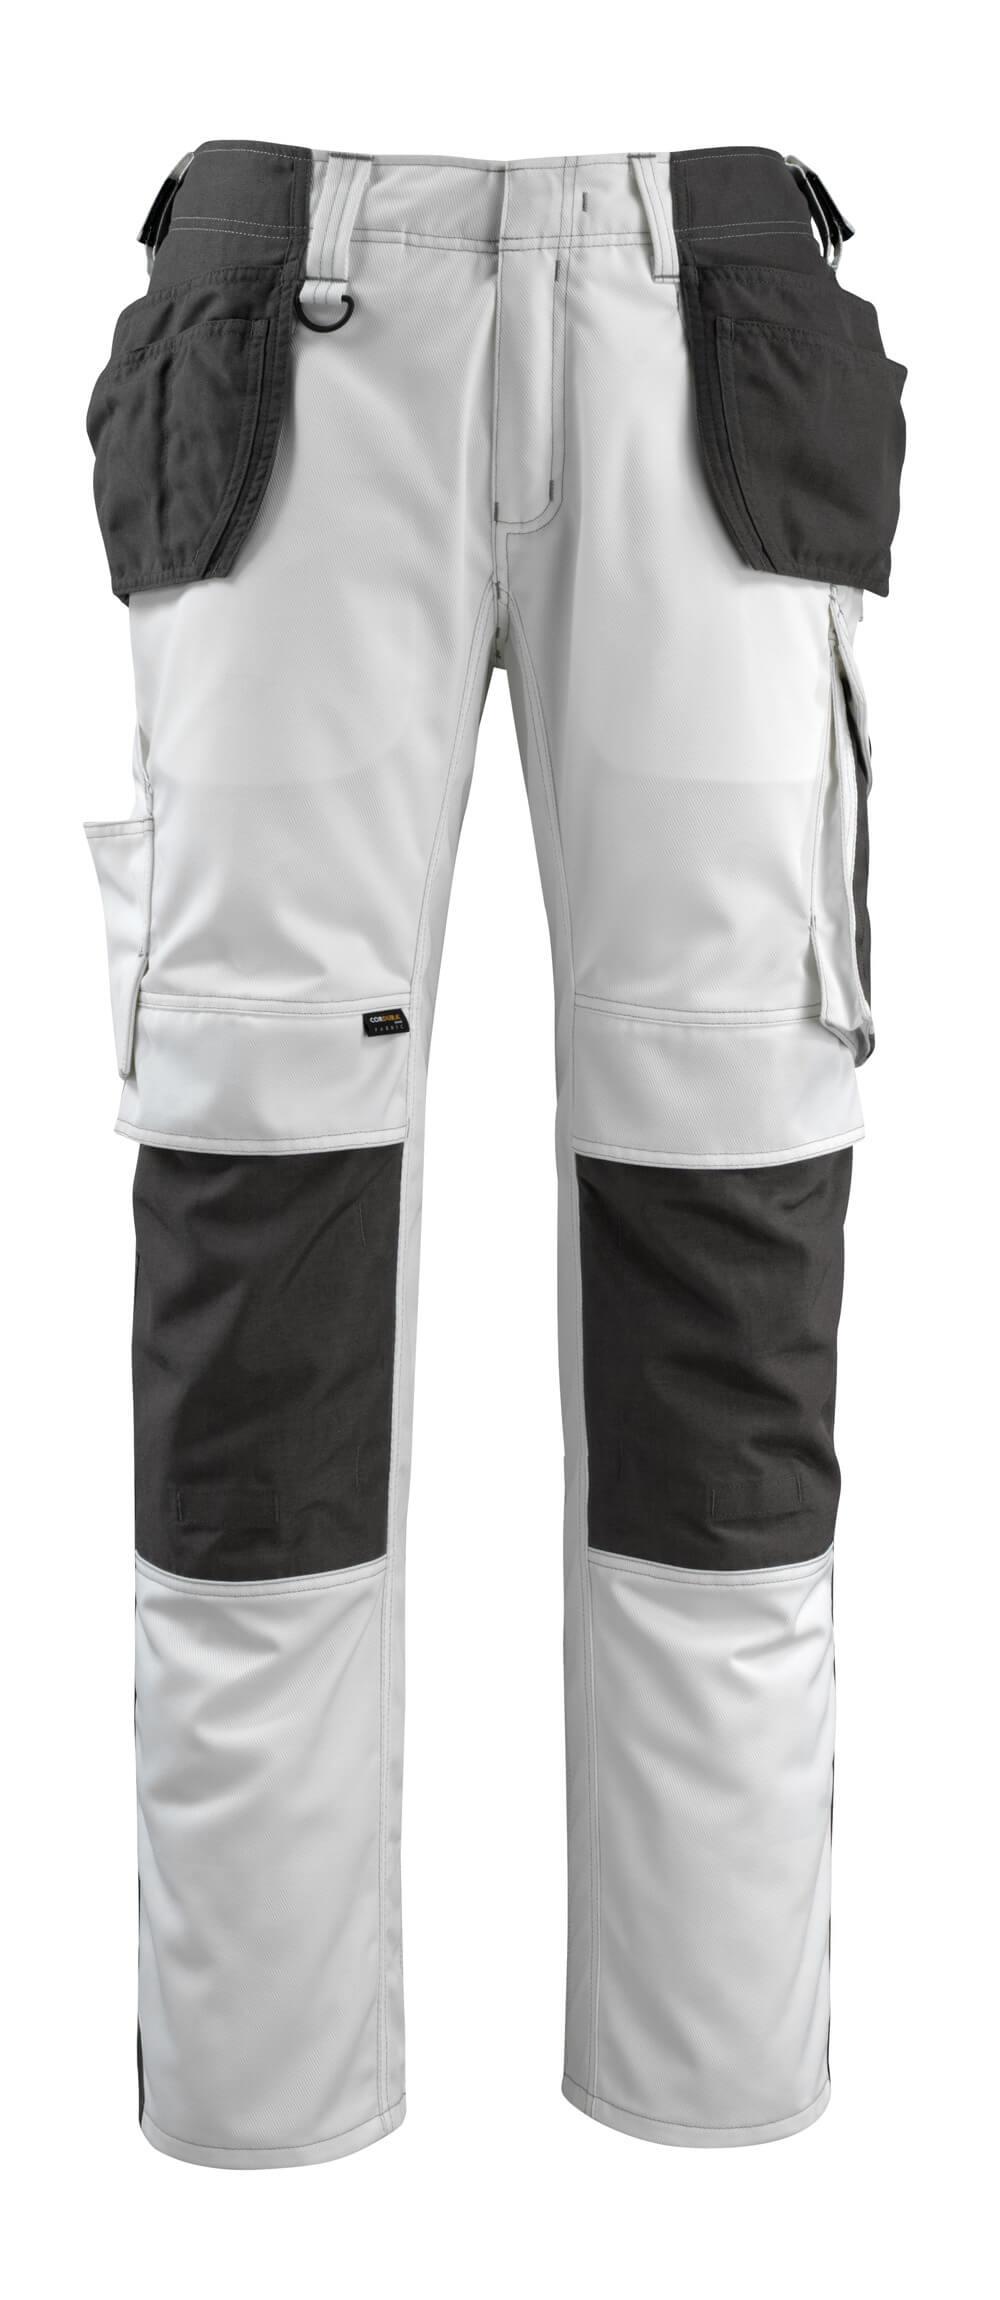 14031-203-0618 Pantalones con bolsillos para rodilleras y bolsillos tipo funda - blanco/antracita oscuro